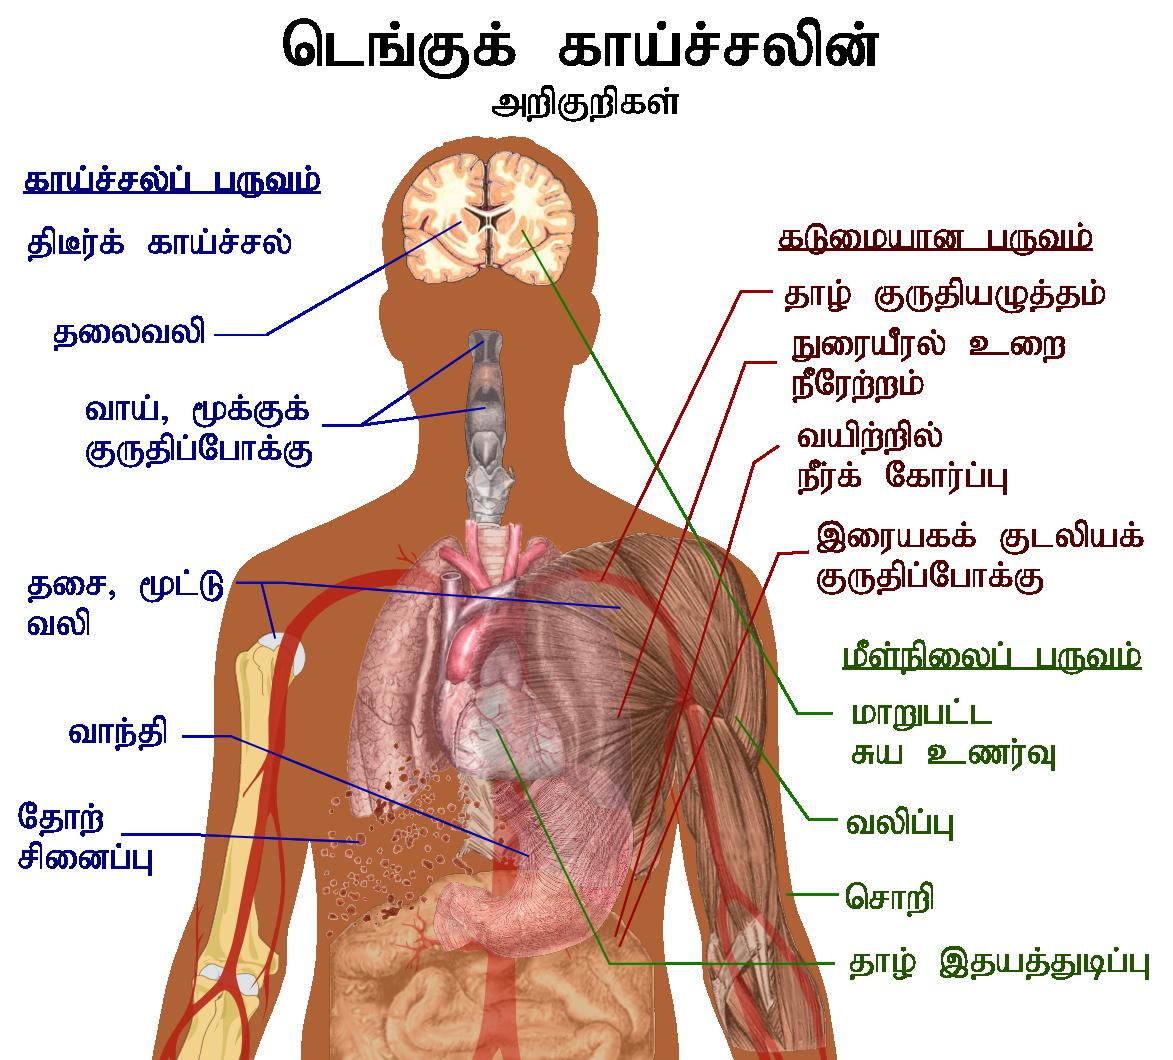 Dengue_fever_symptoms_tamil